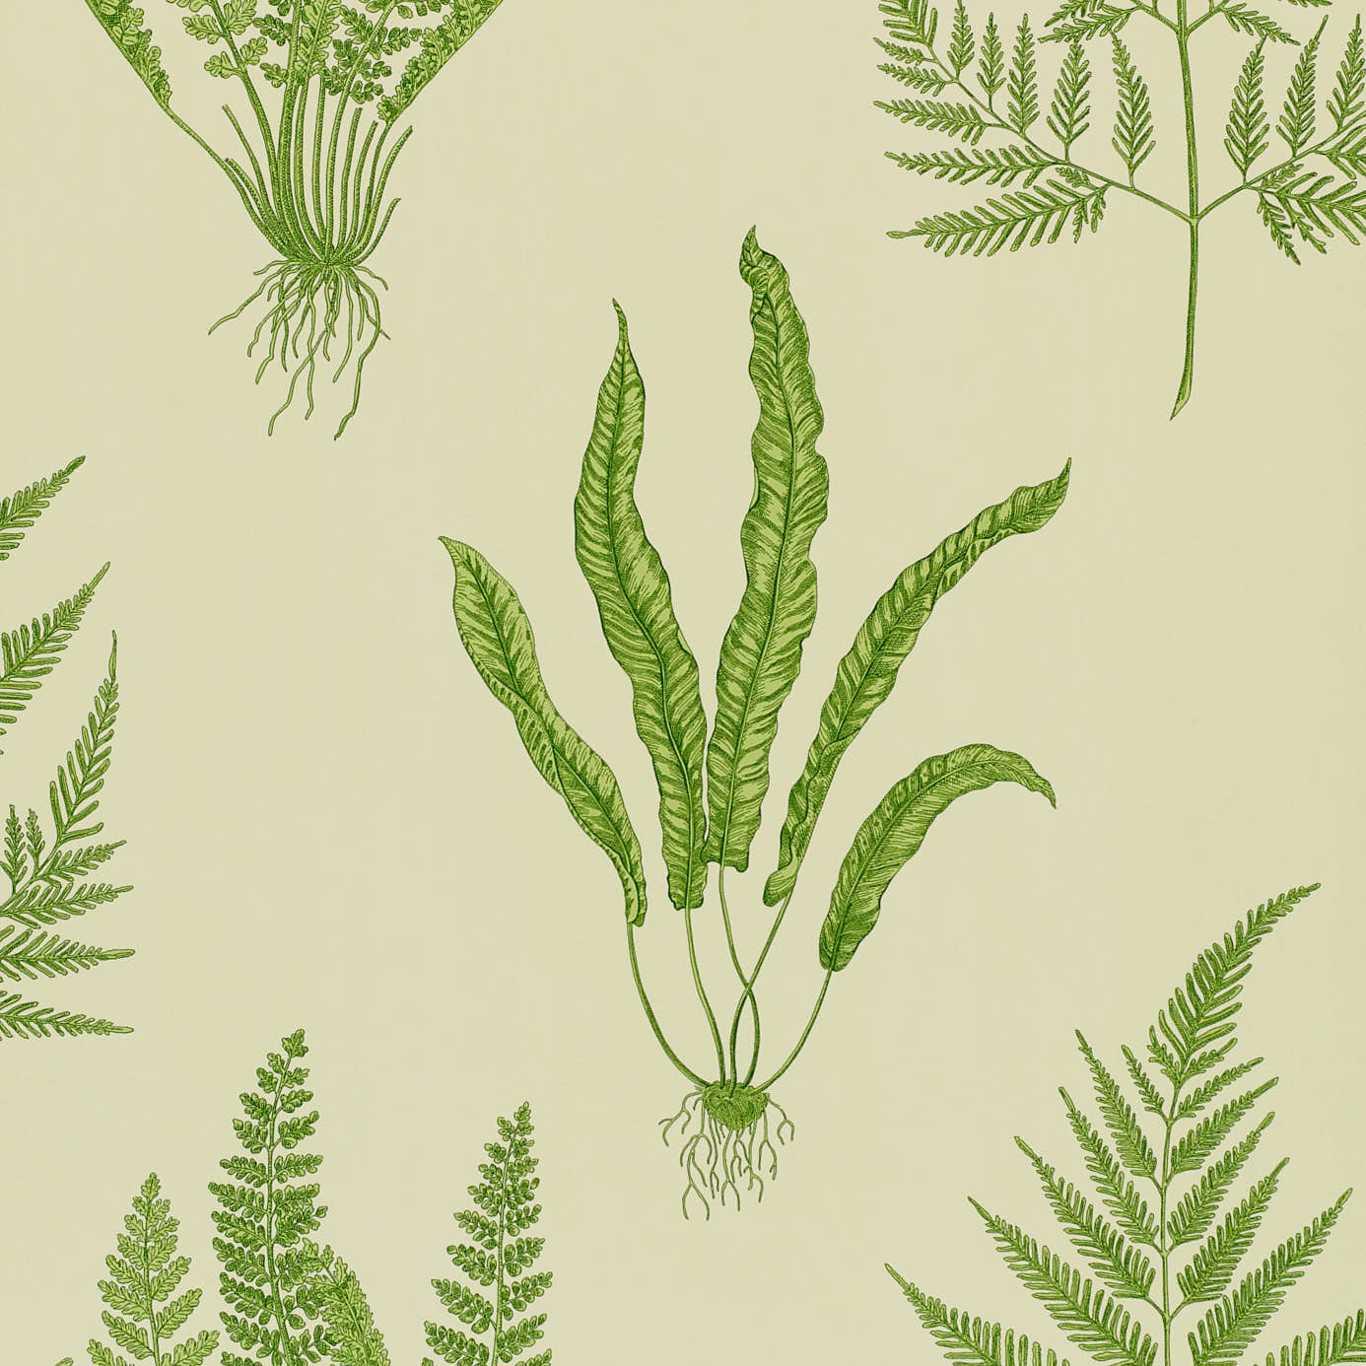 Woodland Ferns by SAN